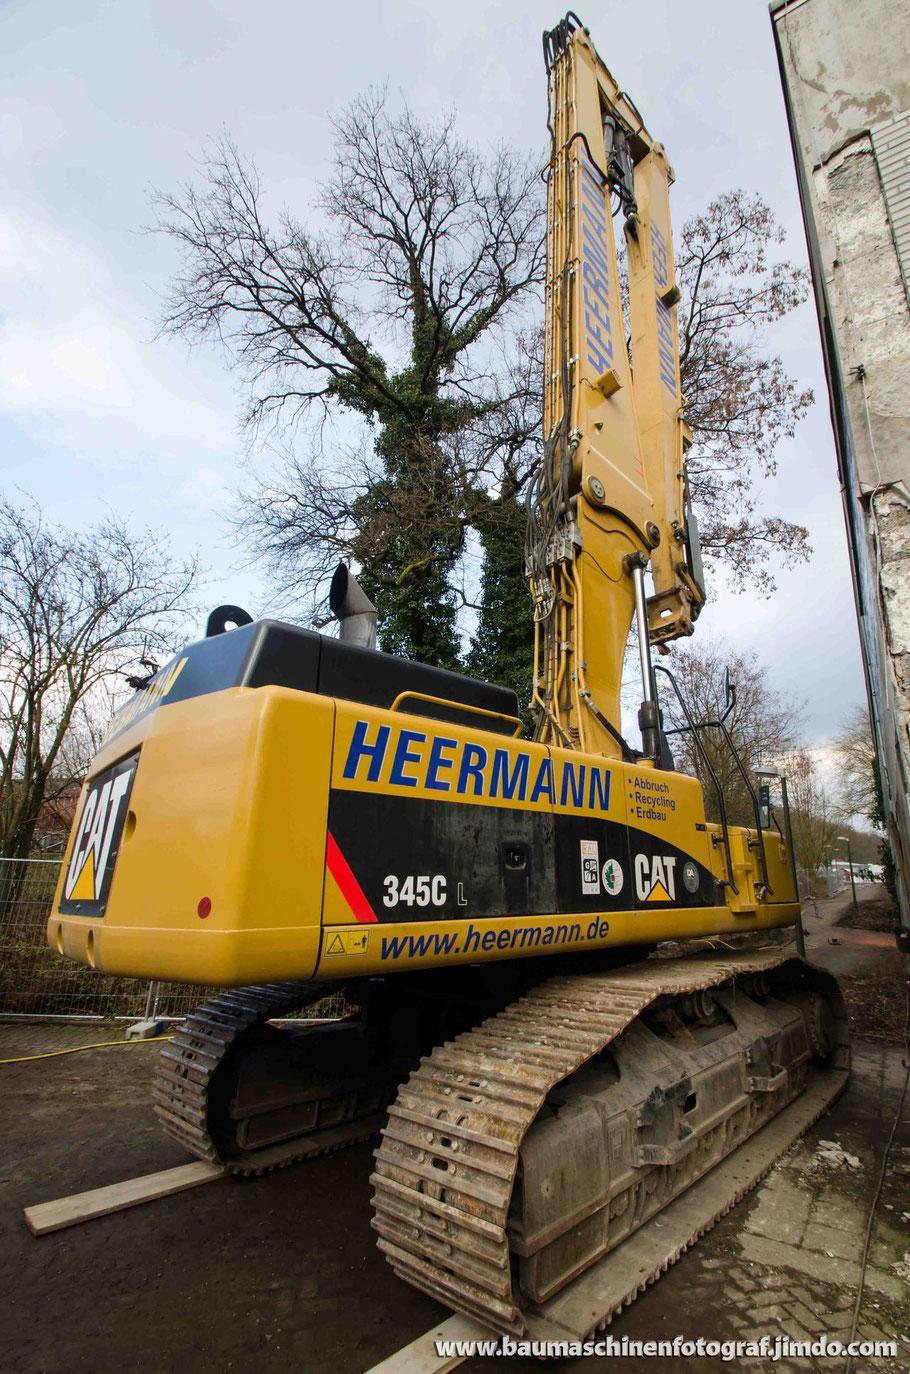 Der Cat 345 C UHD der Firma Heermann Abbruch ist an seinem Einsatzort in Oer Erkenschwick eingetroffen